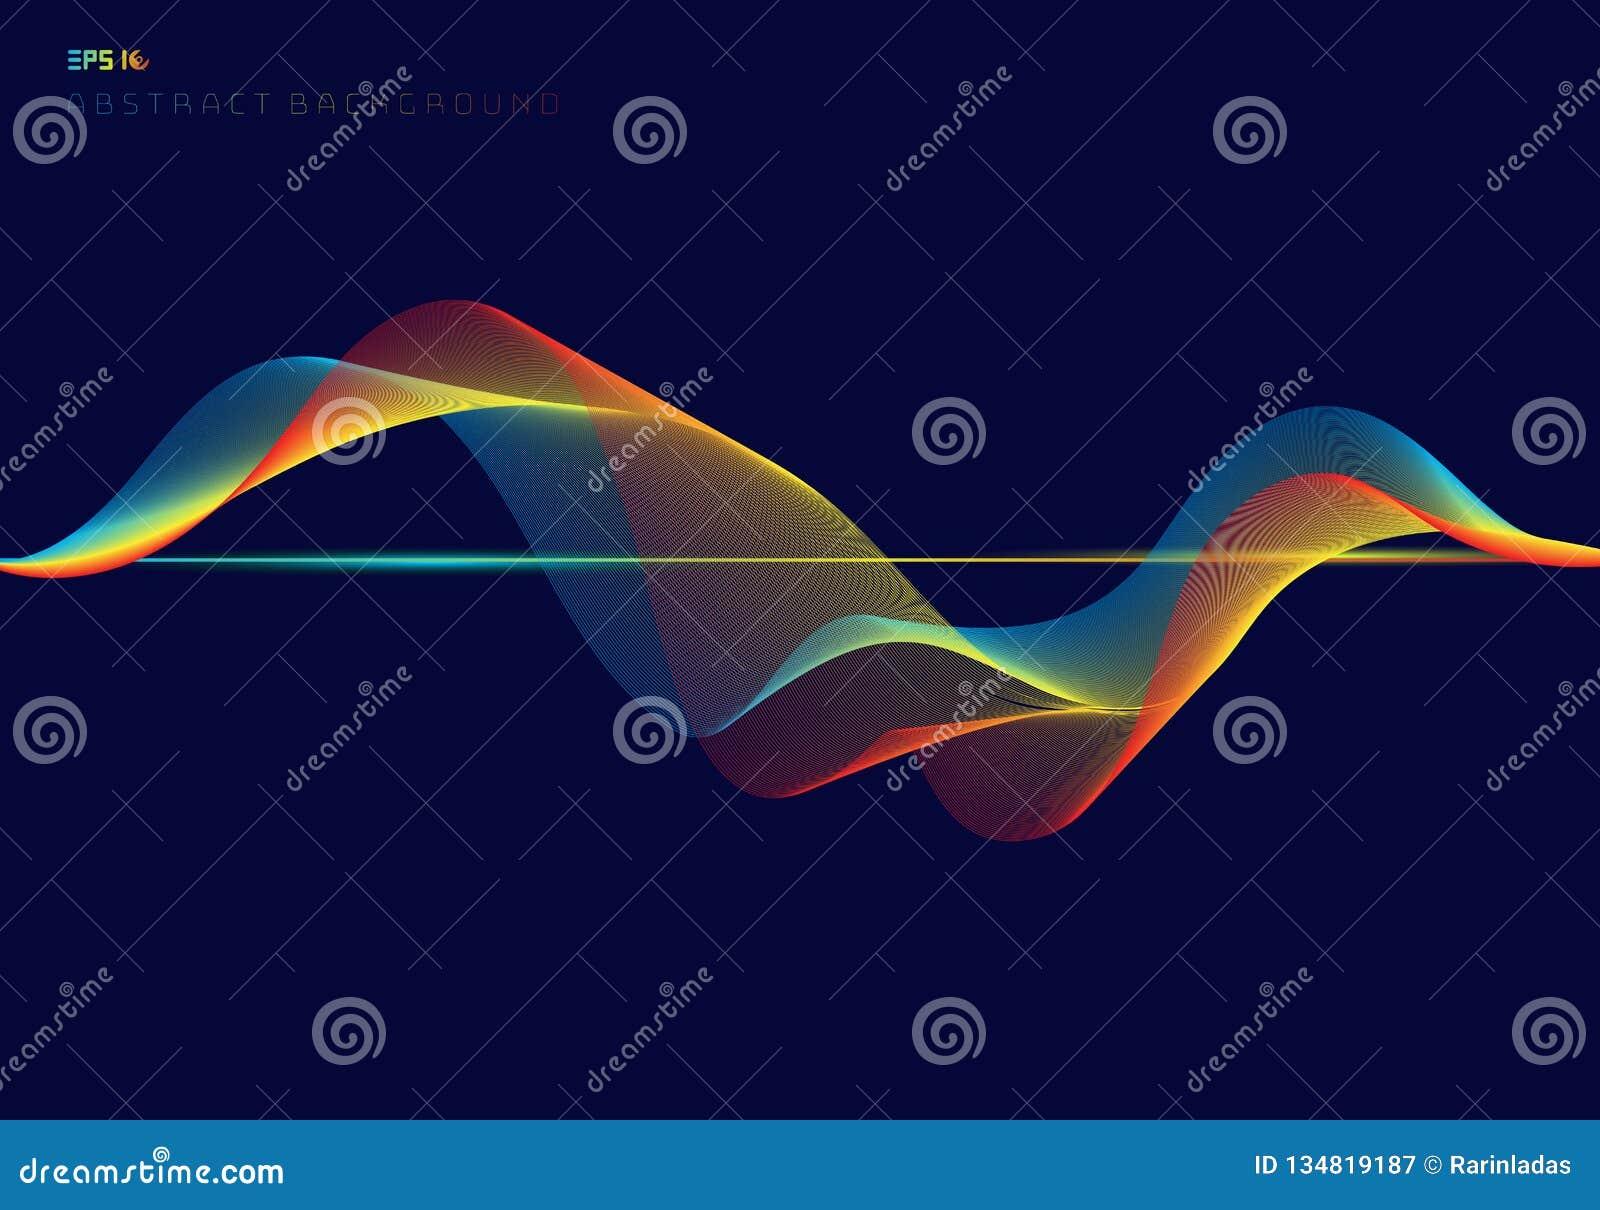 Αφηρημένες ζωηρόχρωμες ψηφιακές γραμμές κυμάτων εξισωτών στη σκούρο μπλε έννοια τεχνολογίας υποβάθρου